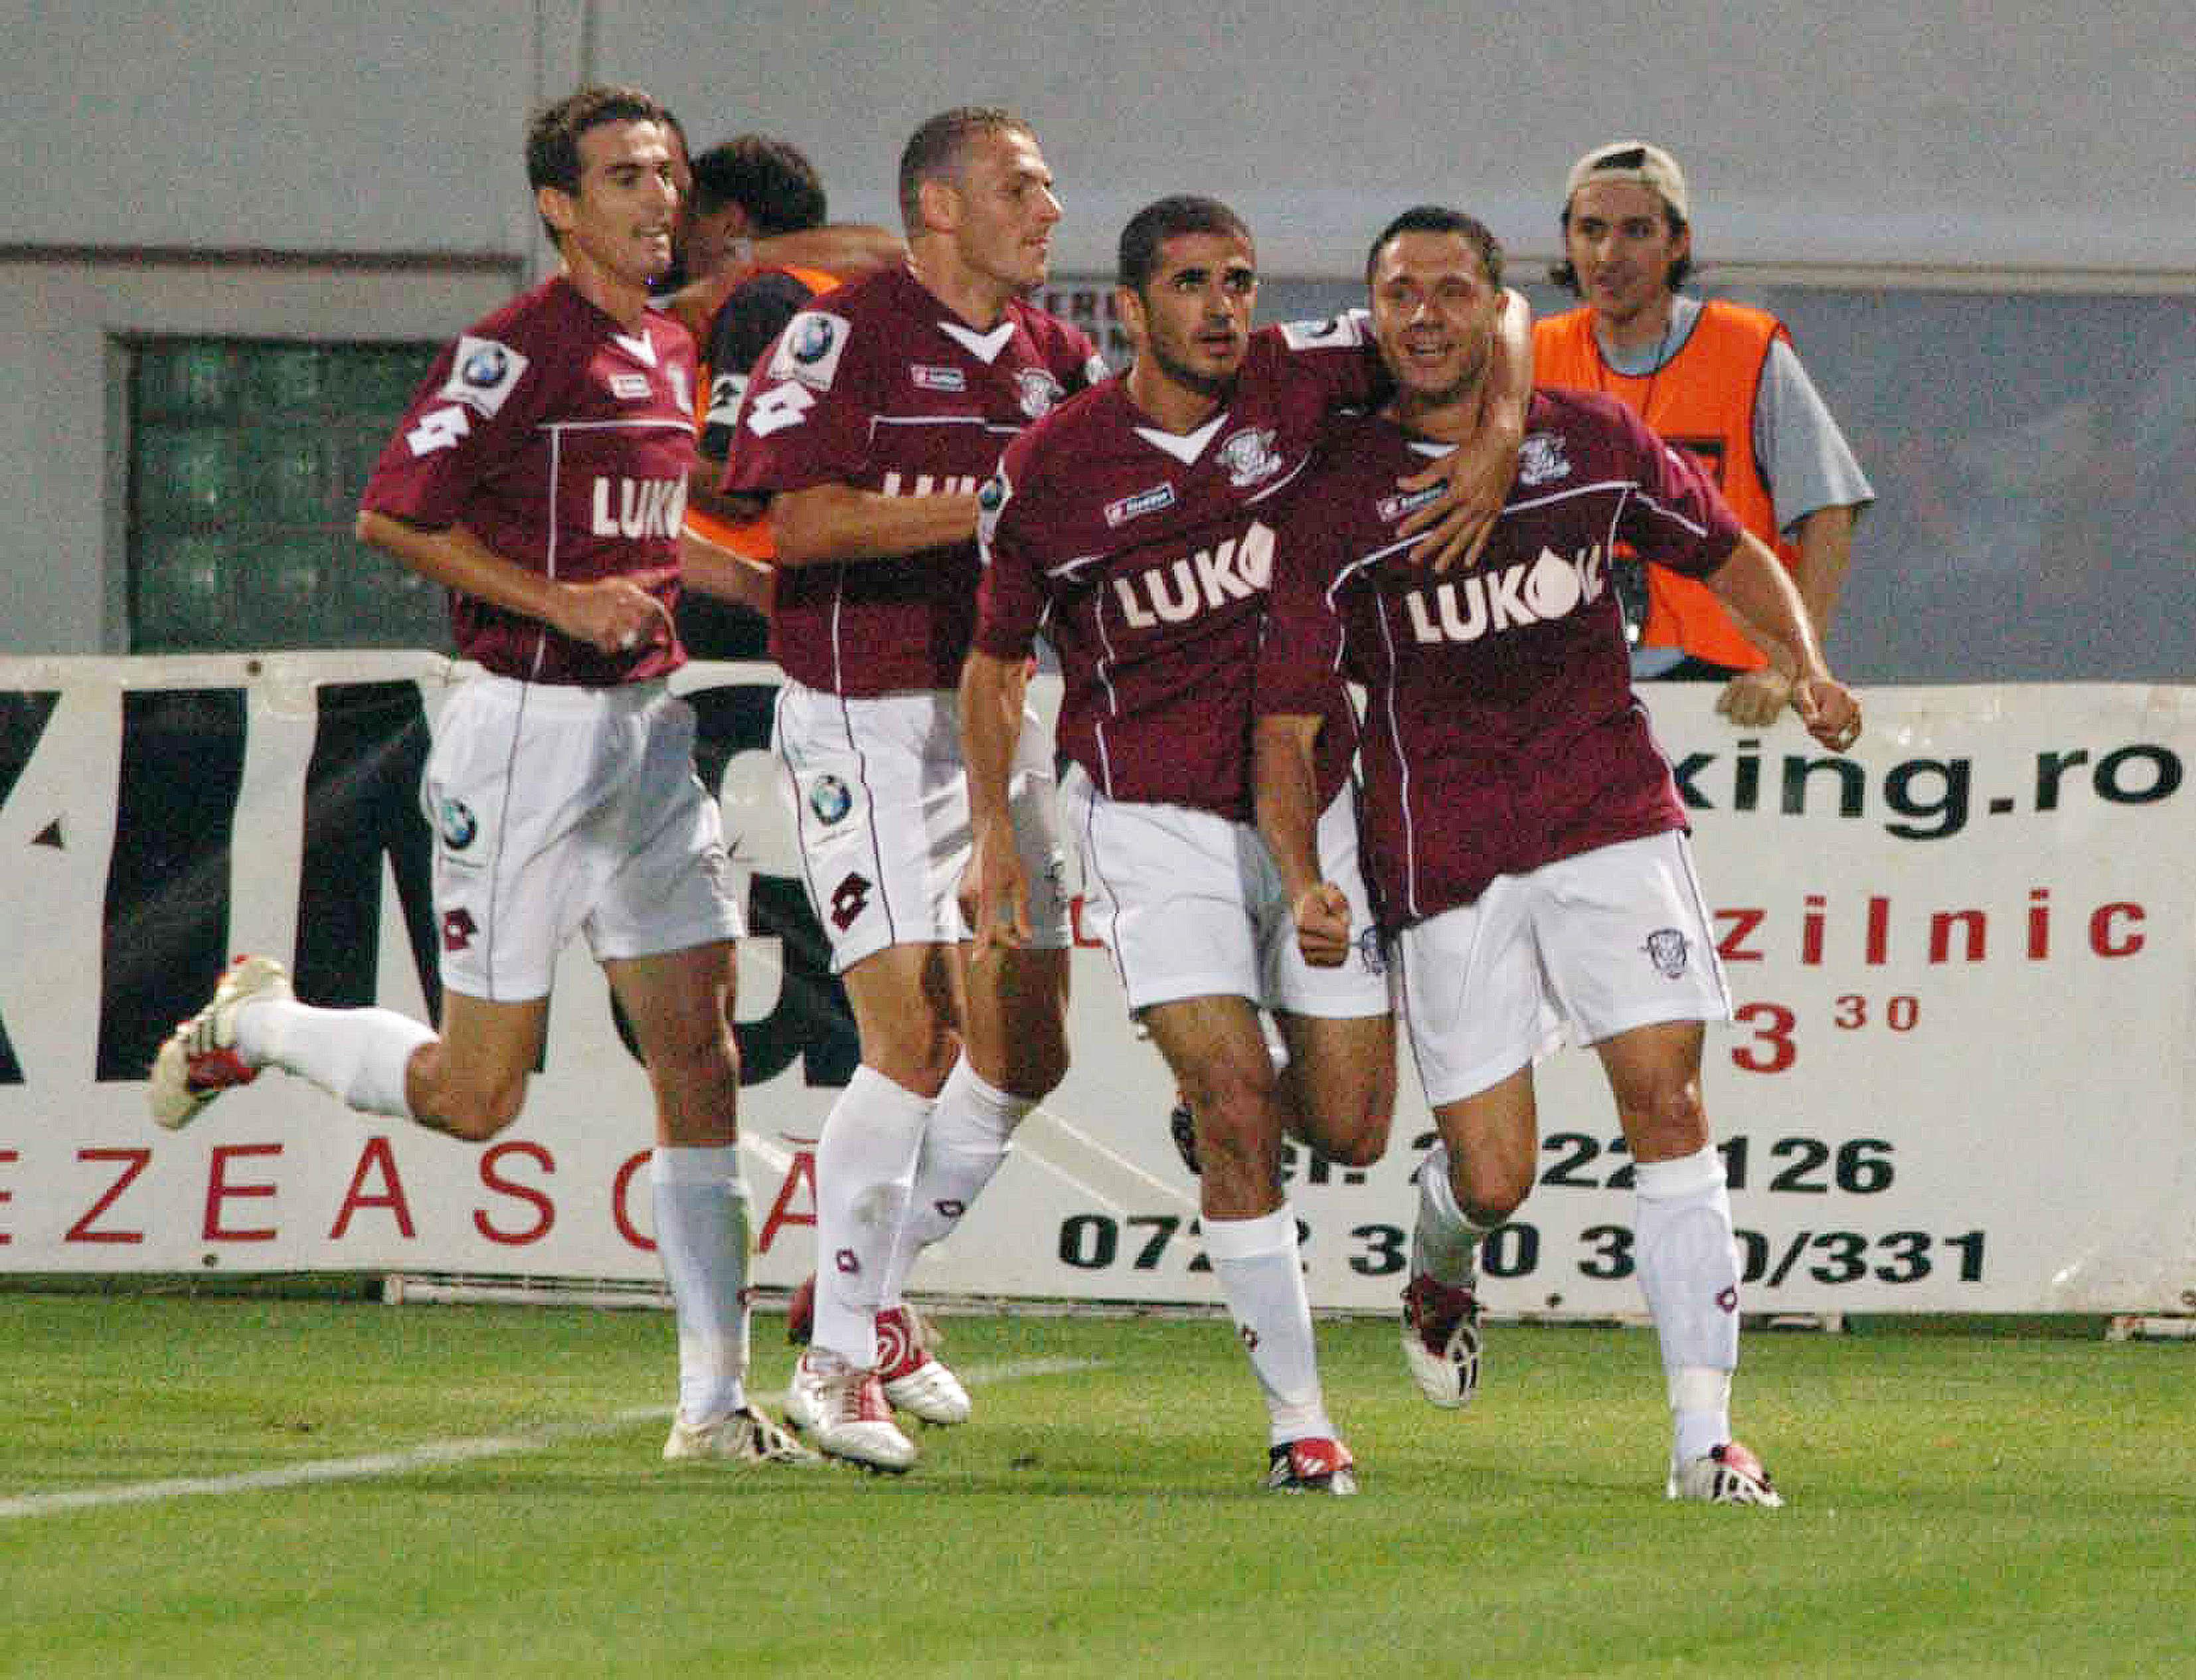 Sabin Ilie revine în fotbal. Bucurie rapidistă cu Marius Măldărăşanu, Karamian şi Sabin Ilie în meciul dintre Rapid şi Steaua, disputat în Divizia A, pe 8 august 2004.